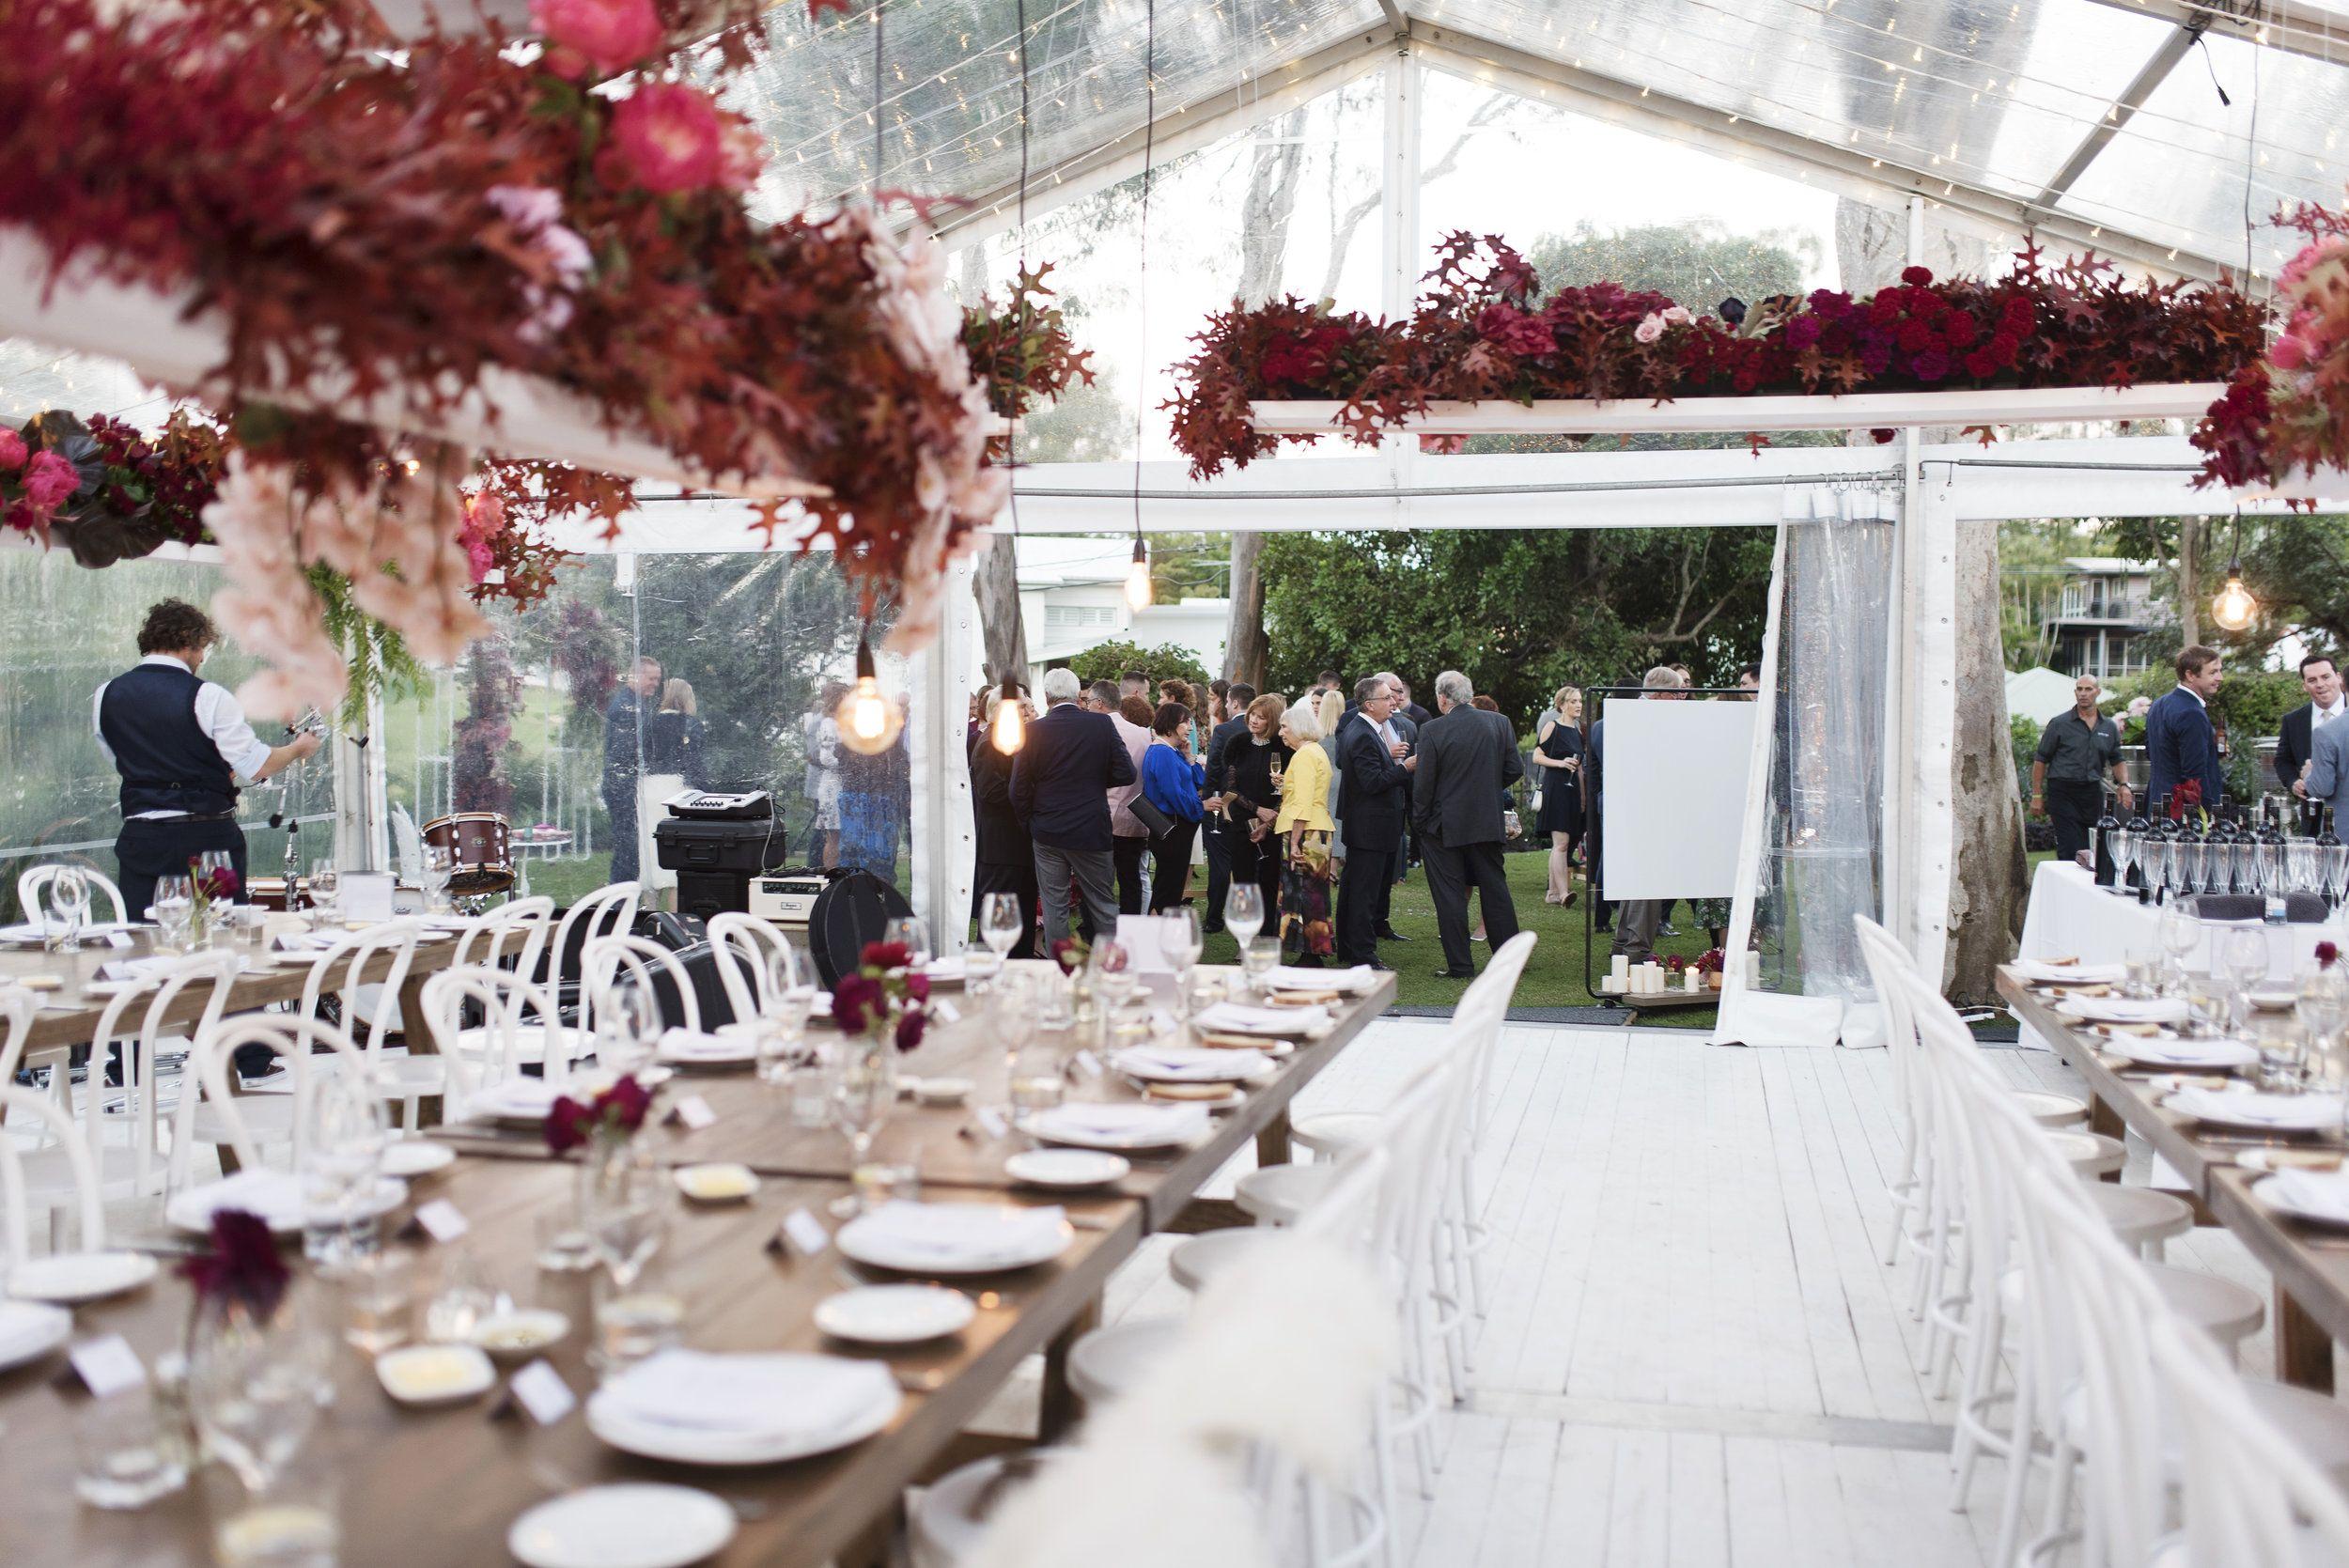 Real Wedding Marquee Wedding Marquee Wedding Receptions Wedding Reception